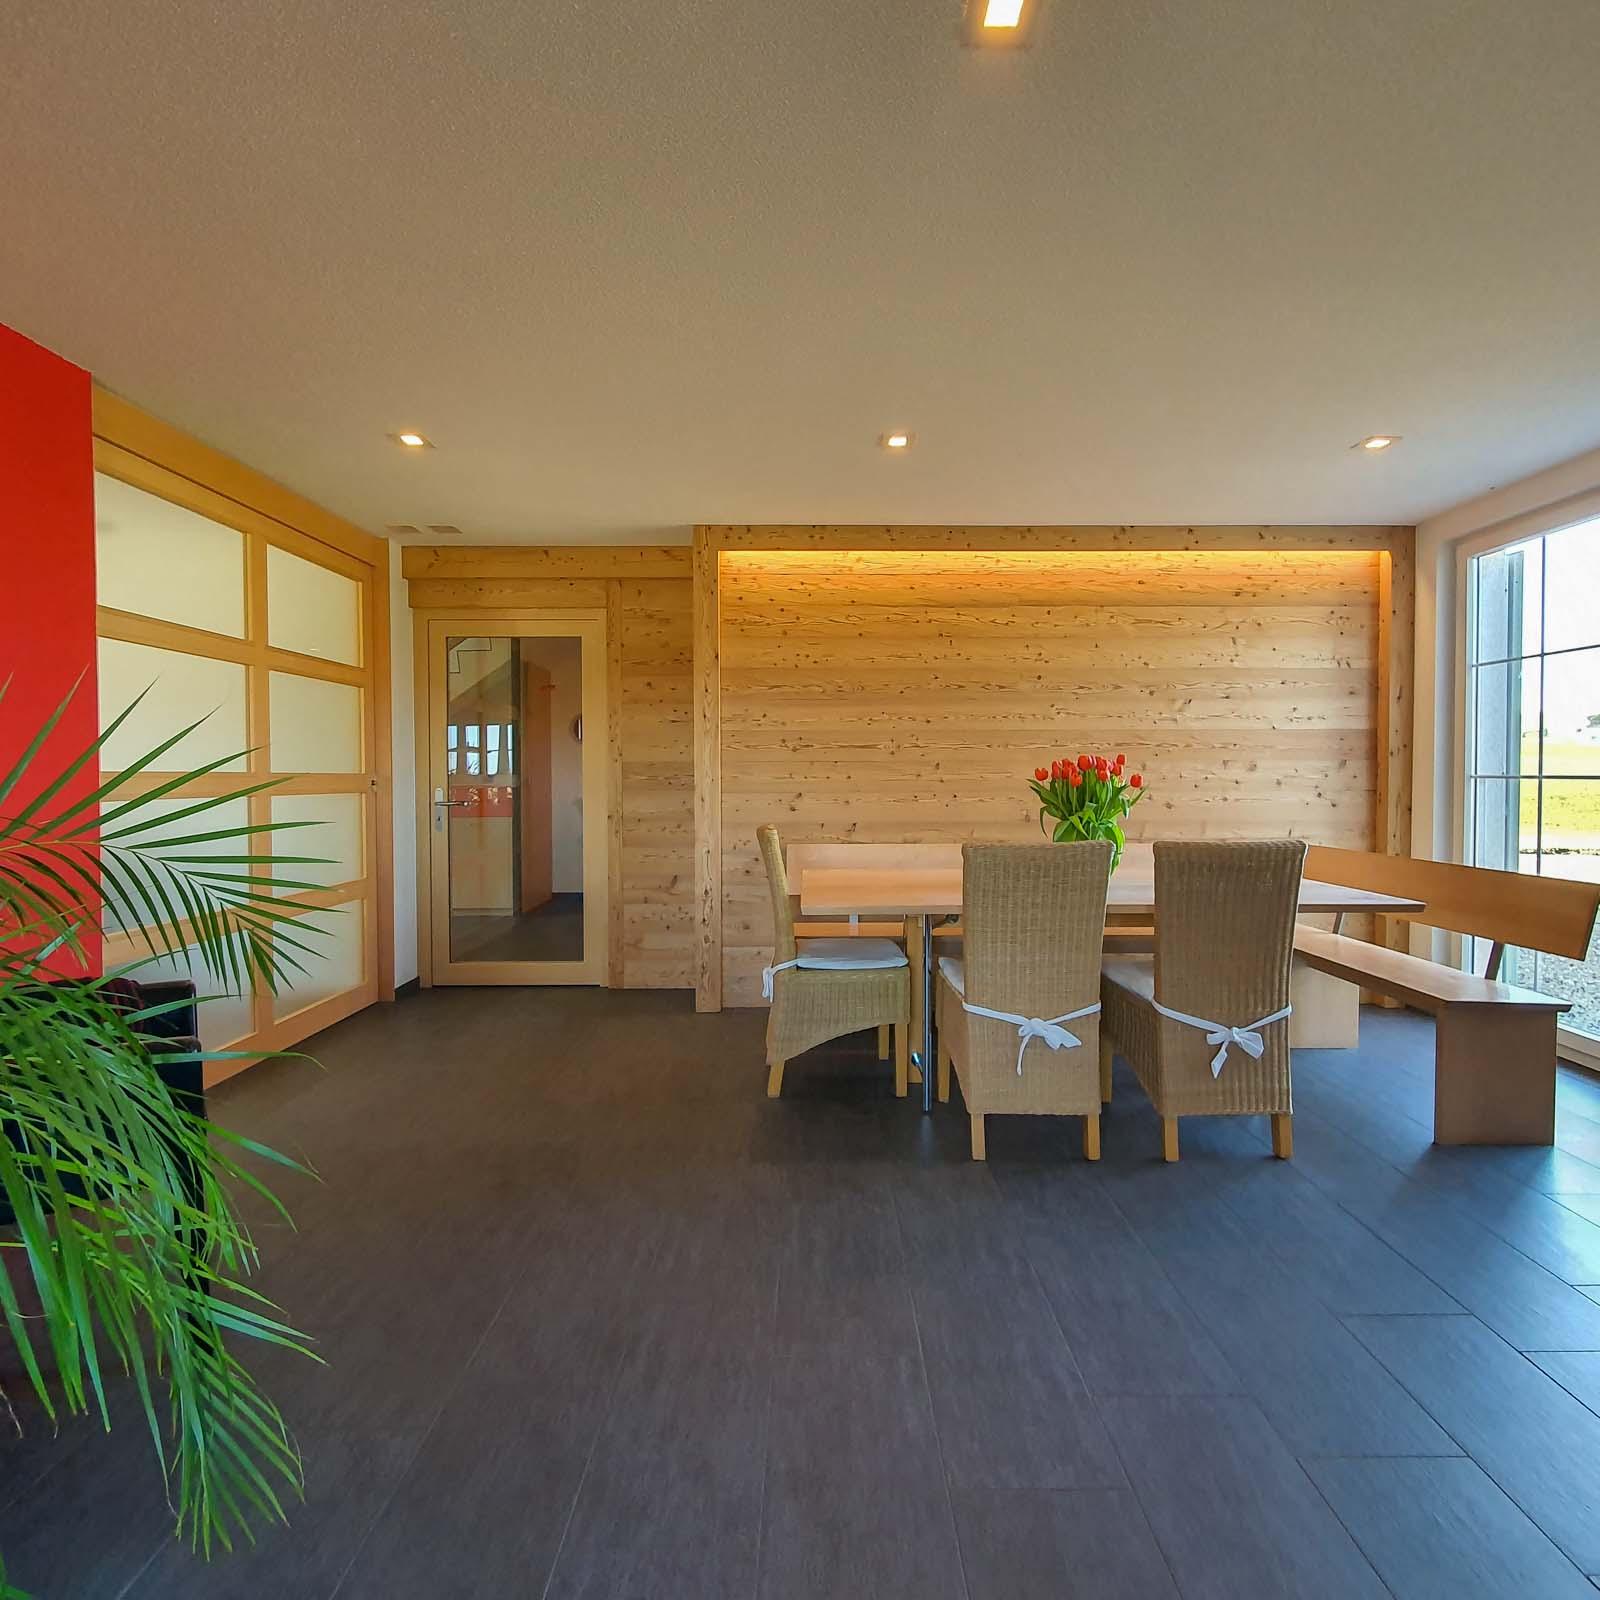 Wooddesign_Raumtrenner_Türen_Schiebetüren_Akustikverkleidungen_Altholz_Wandverkleidung_Glasfüllung_LED Beleuchtung (1)